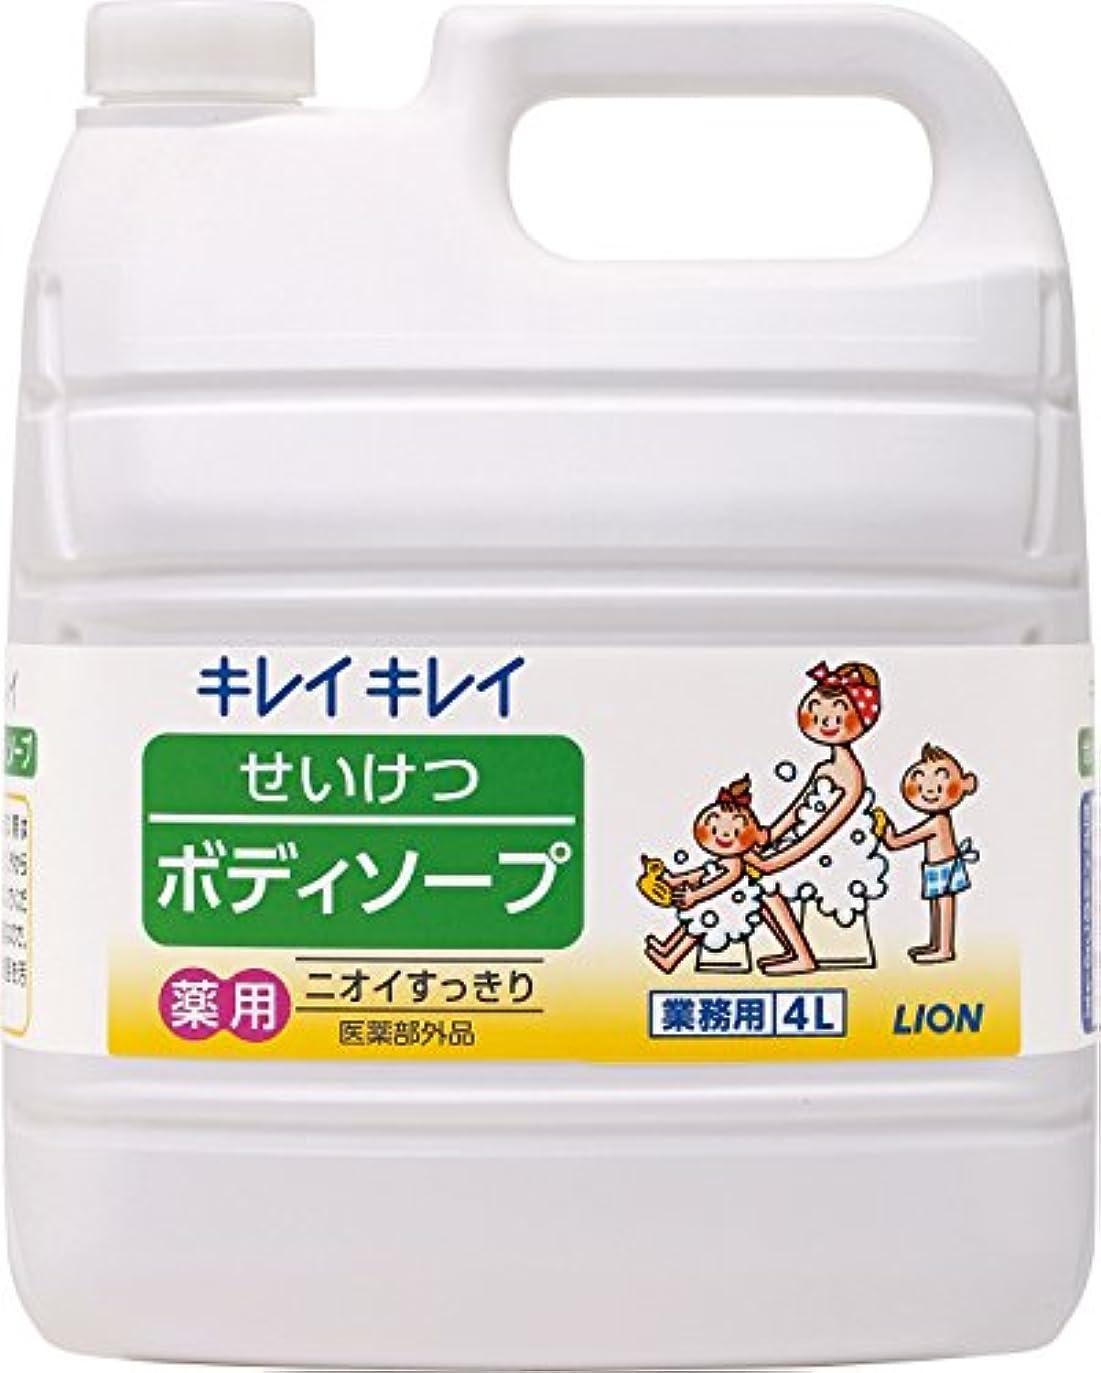 ラバ壊す資本主義【業務用 大容量】キレイキレイ せいけつボディソープ さわやかなレモン&オレンジの香り 4L(医薬部外品)